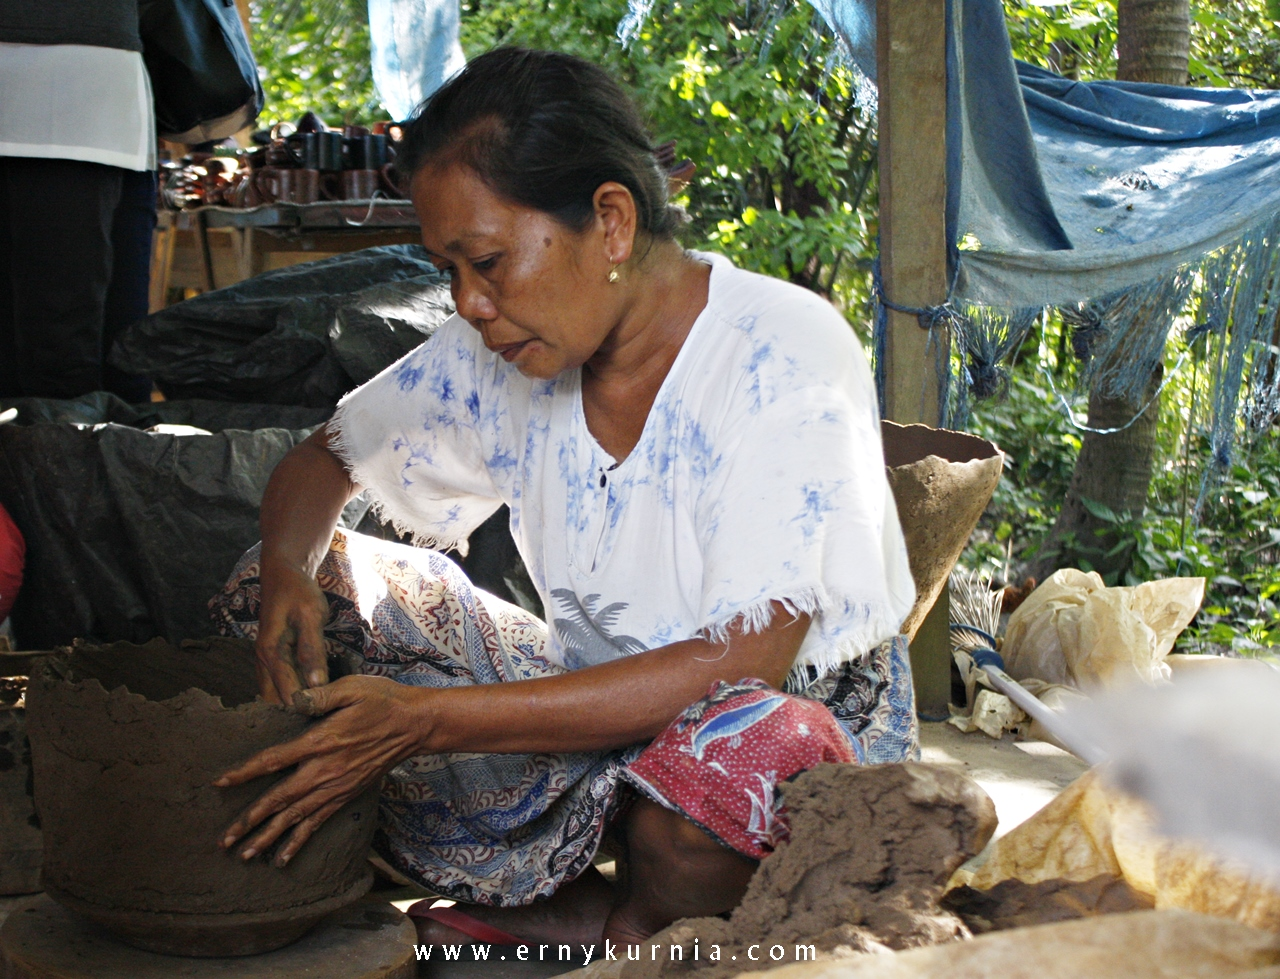 Banyumulek, Gerabah Making, Gerabah, Gerabah Lombok